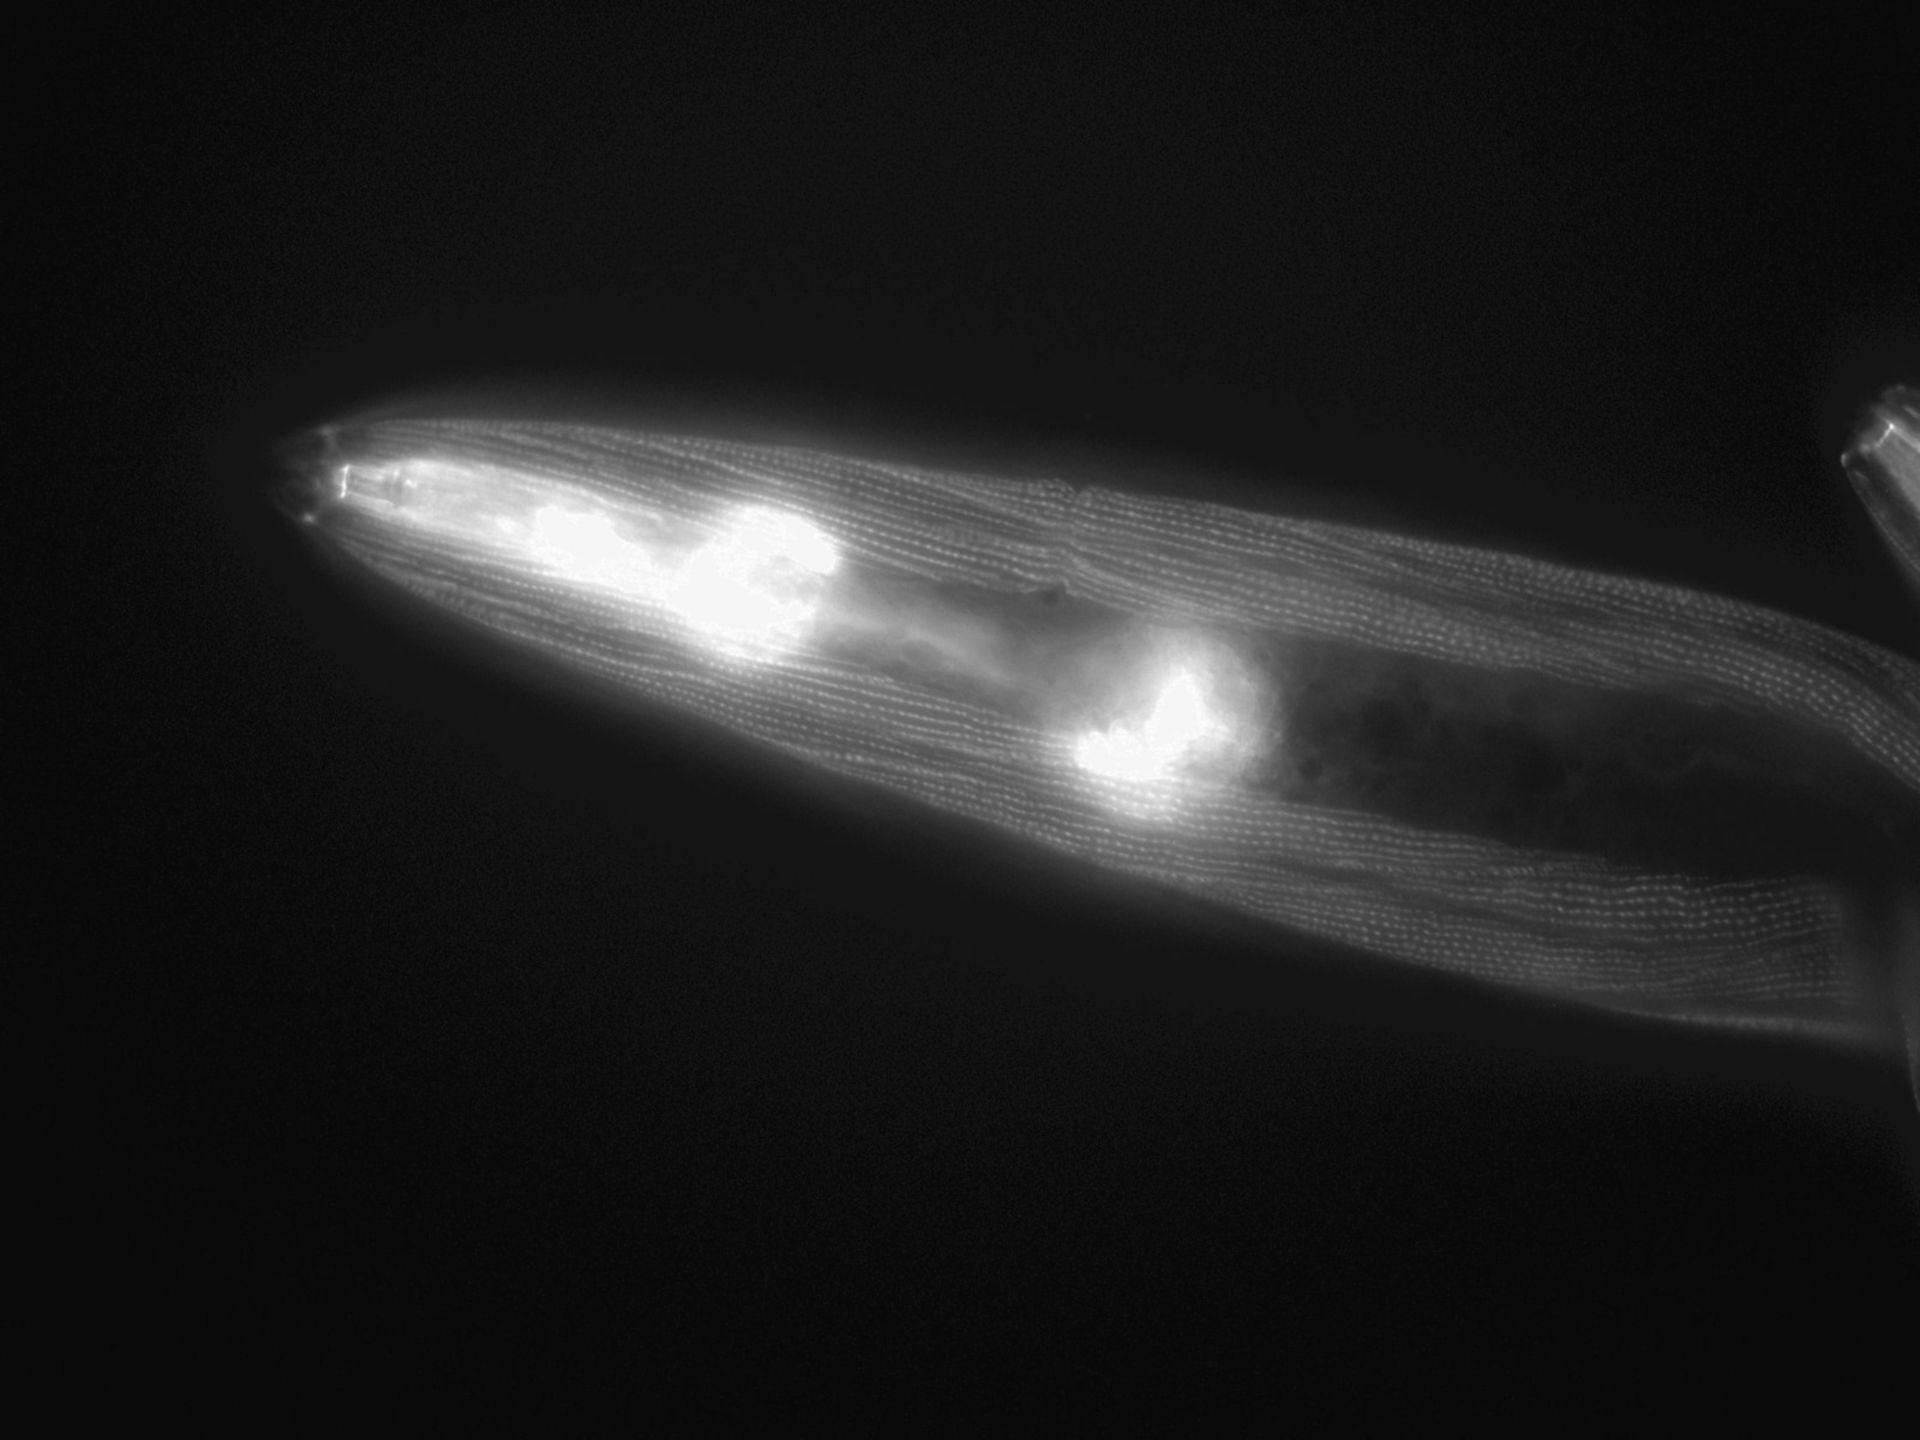 Caenorhabditis elegans (Actin filament) - CIL:1045